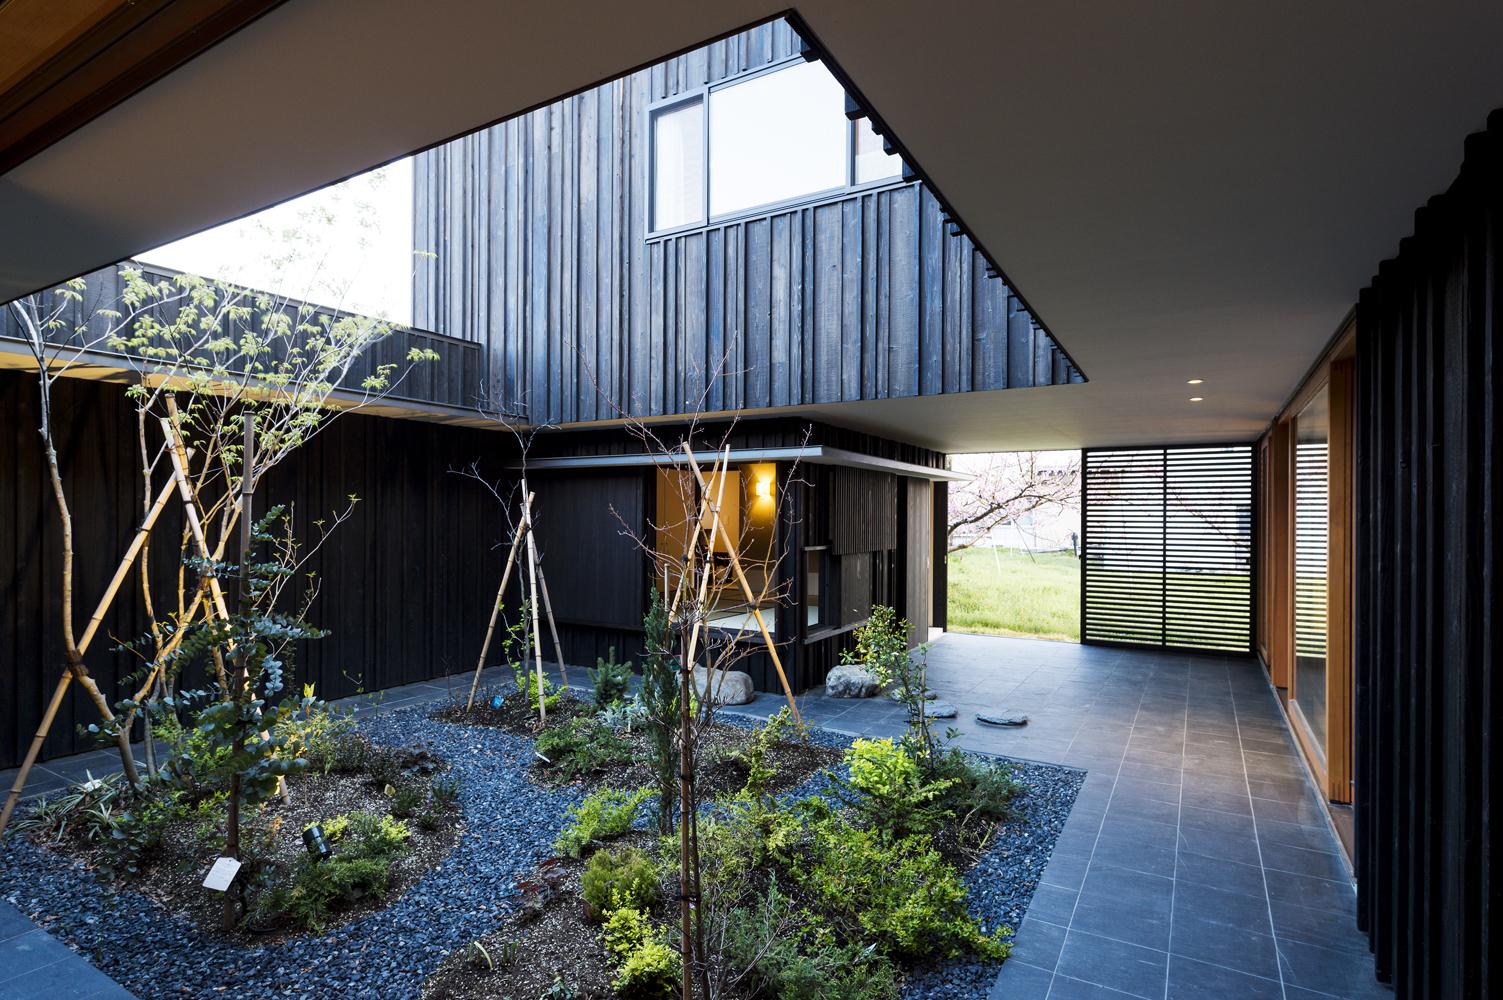 Hofhaus im Pfirsichgarten in Niigata von Takeru Shoji Architects